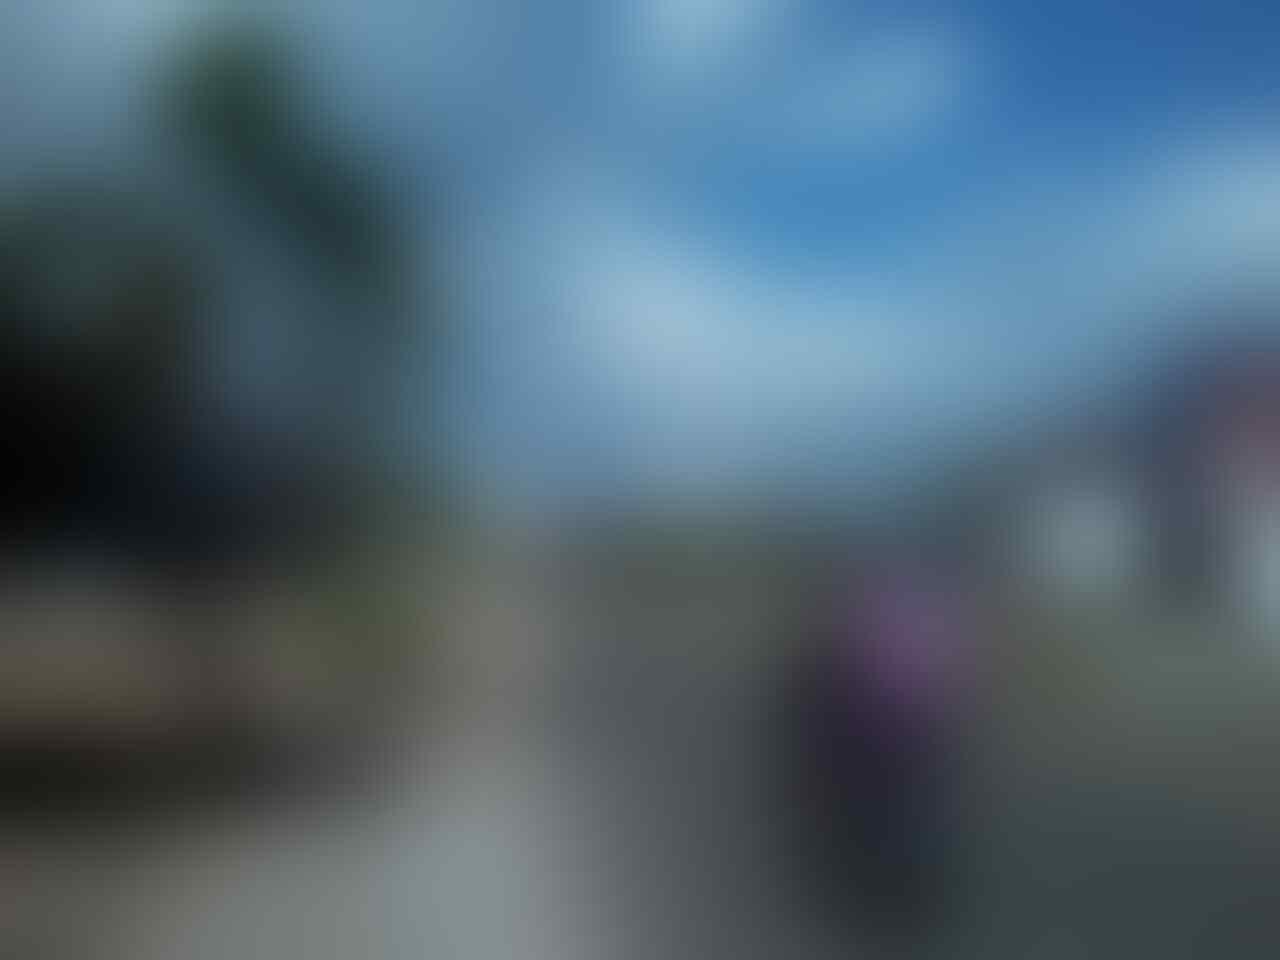 ~~۩۞۩ ►►► Kaskuser Sintang ◄◄◄ ۩۞۩~~ [NEW HOME]